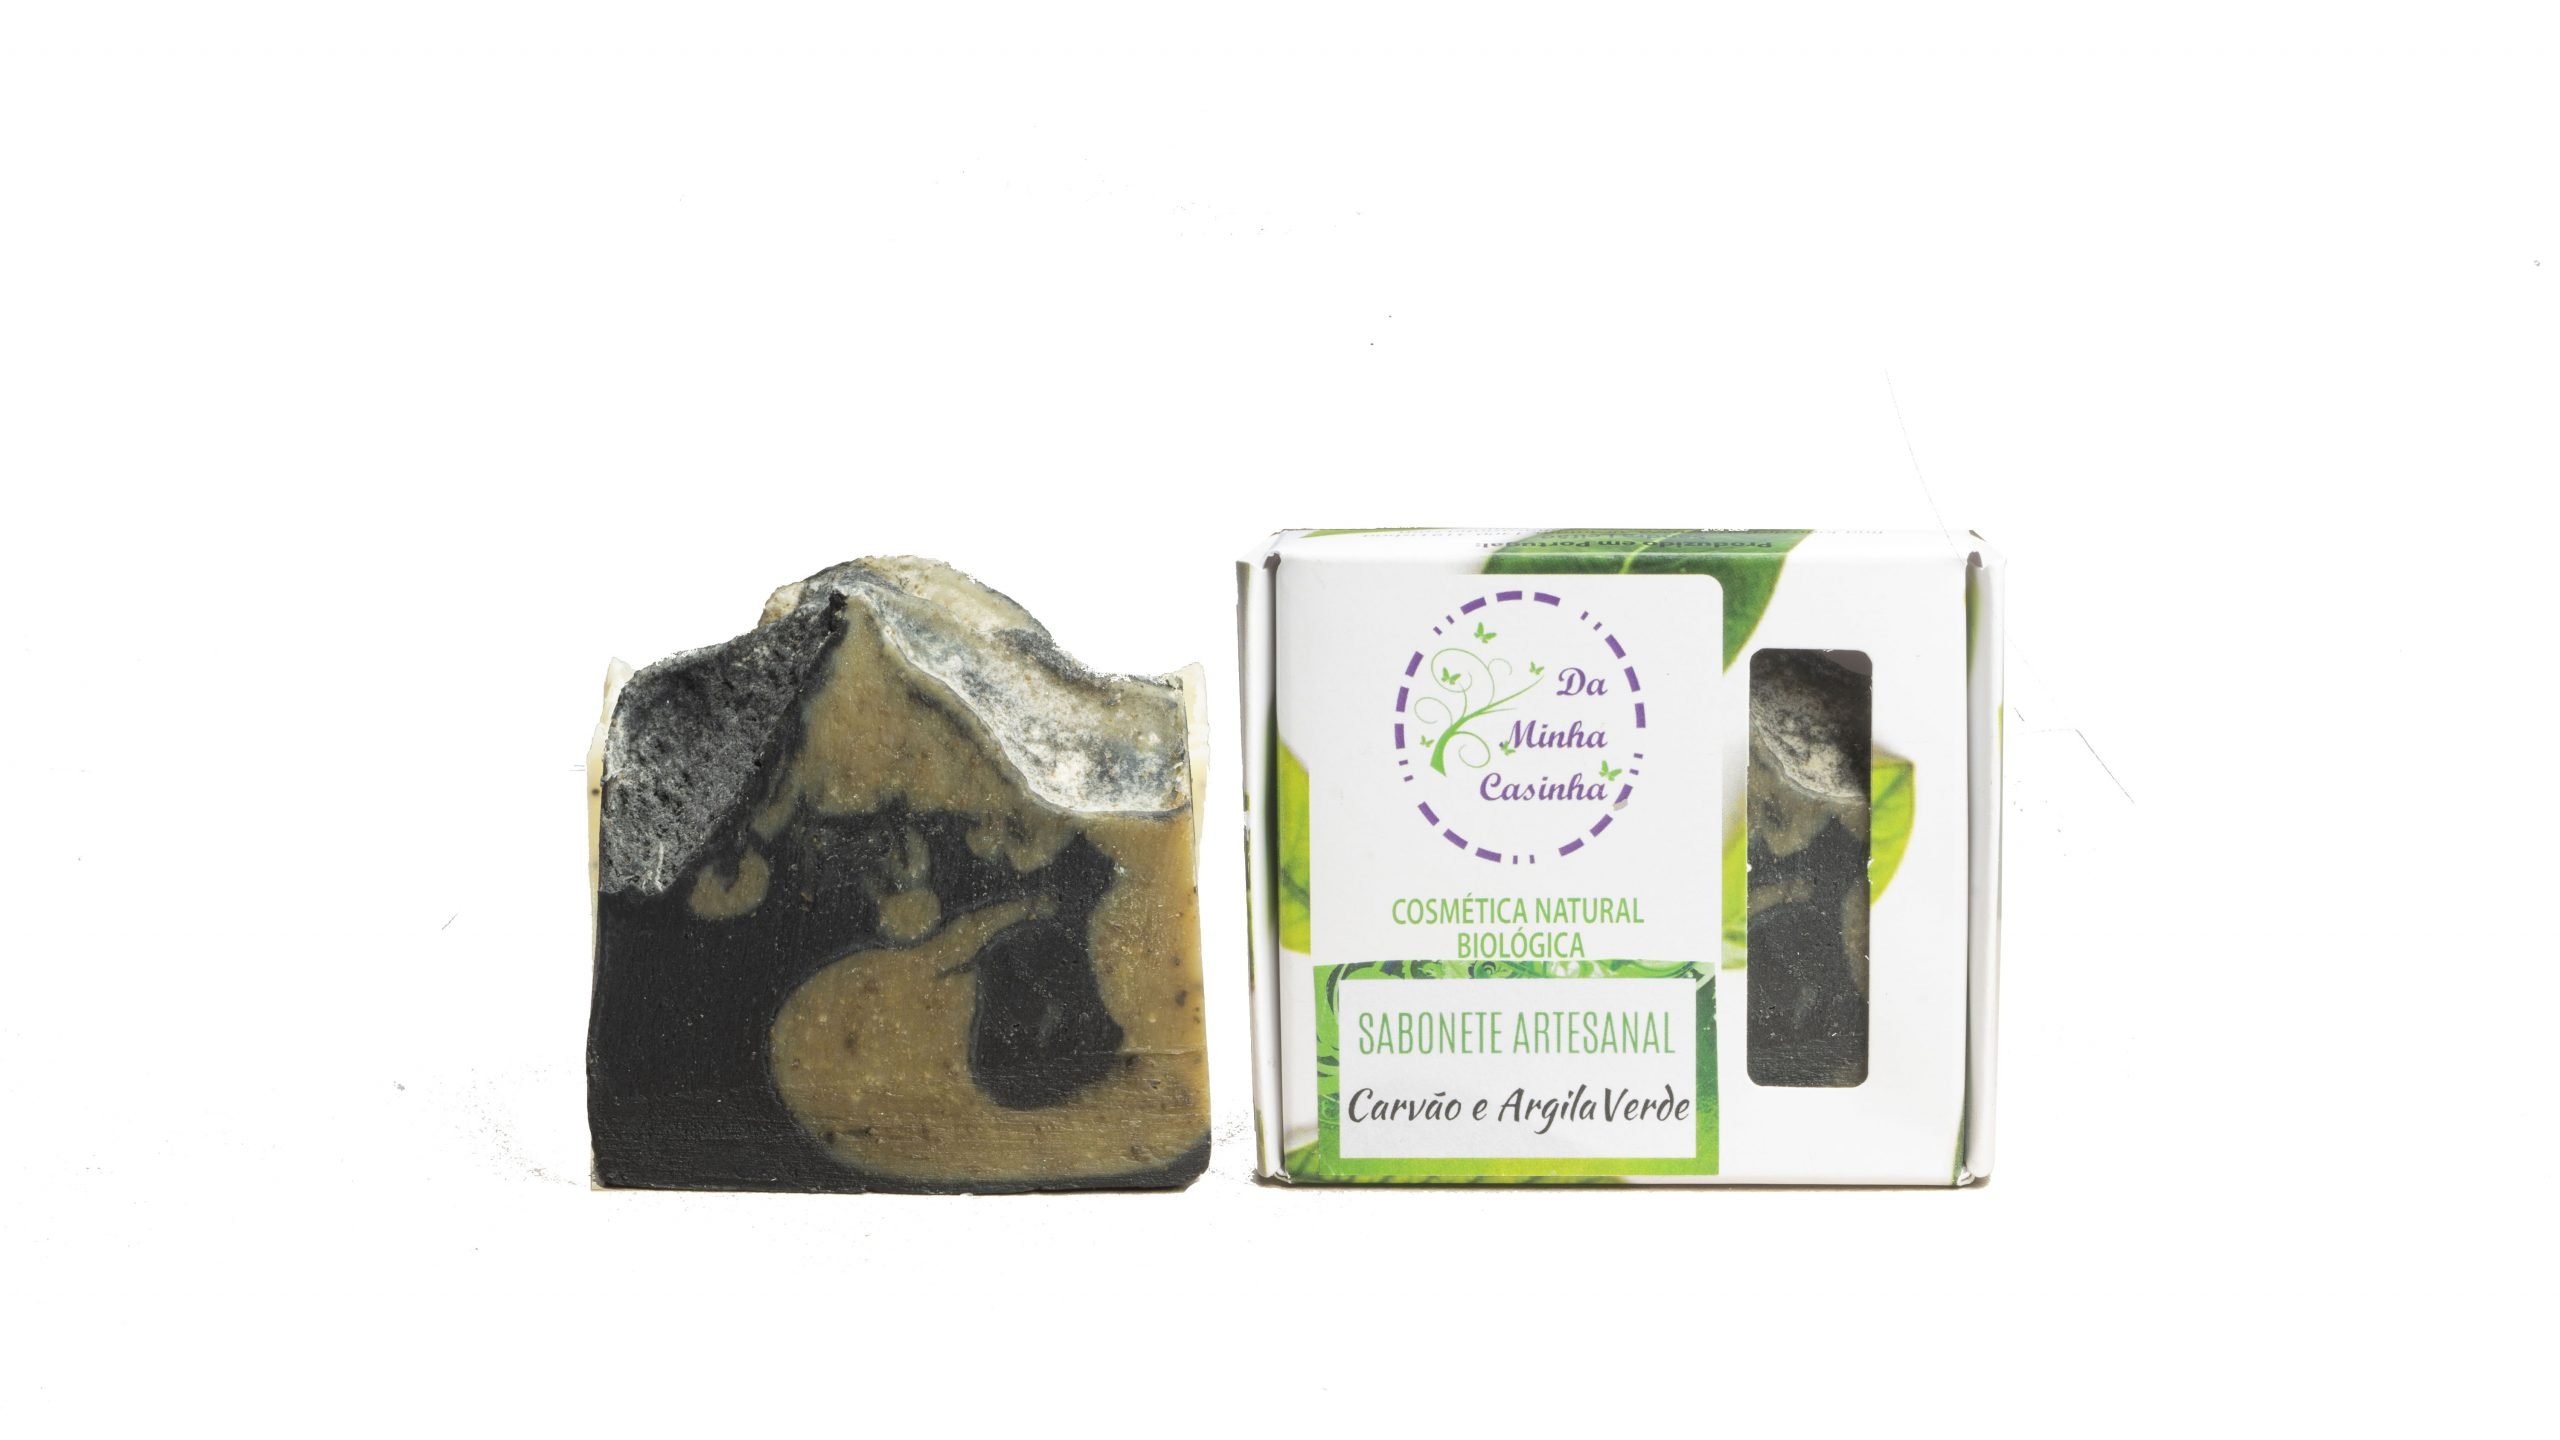 DMC carvão e argila verde sabonete